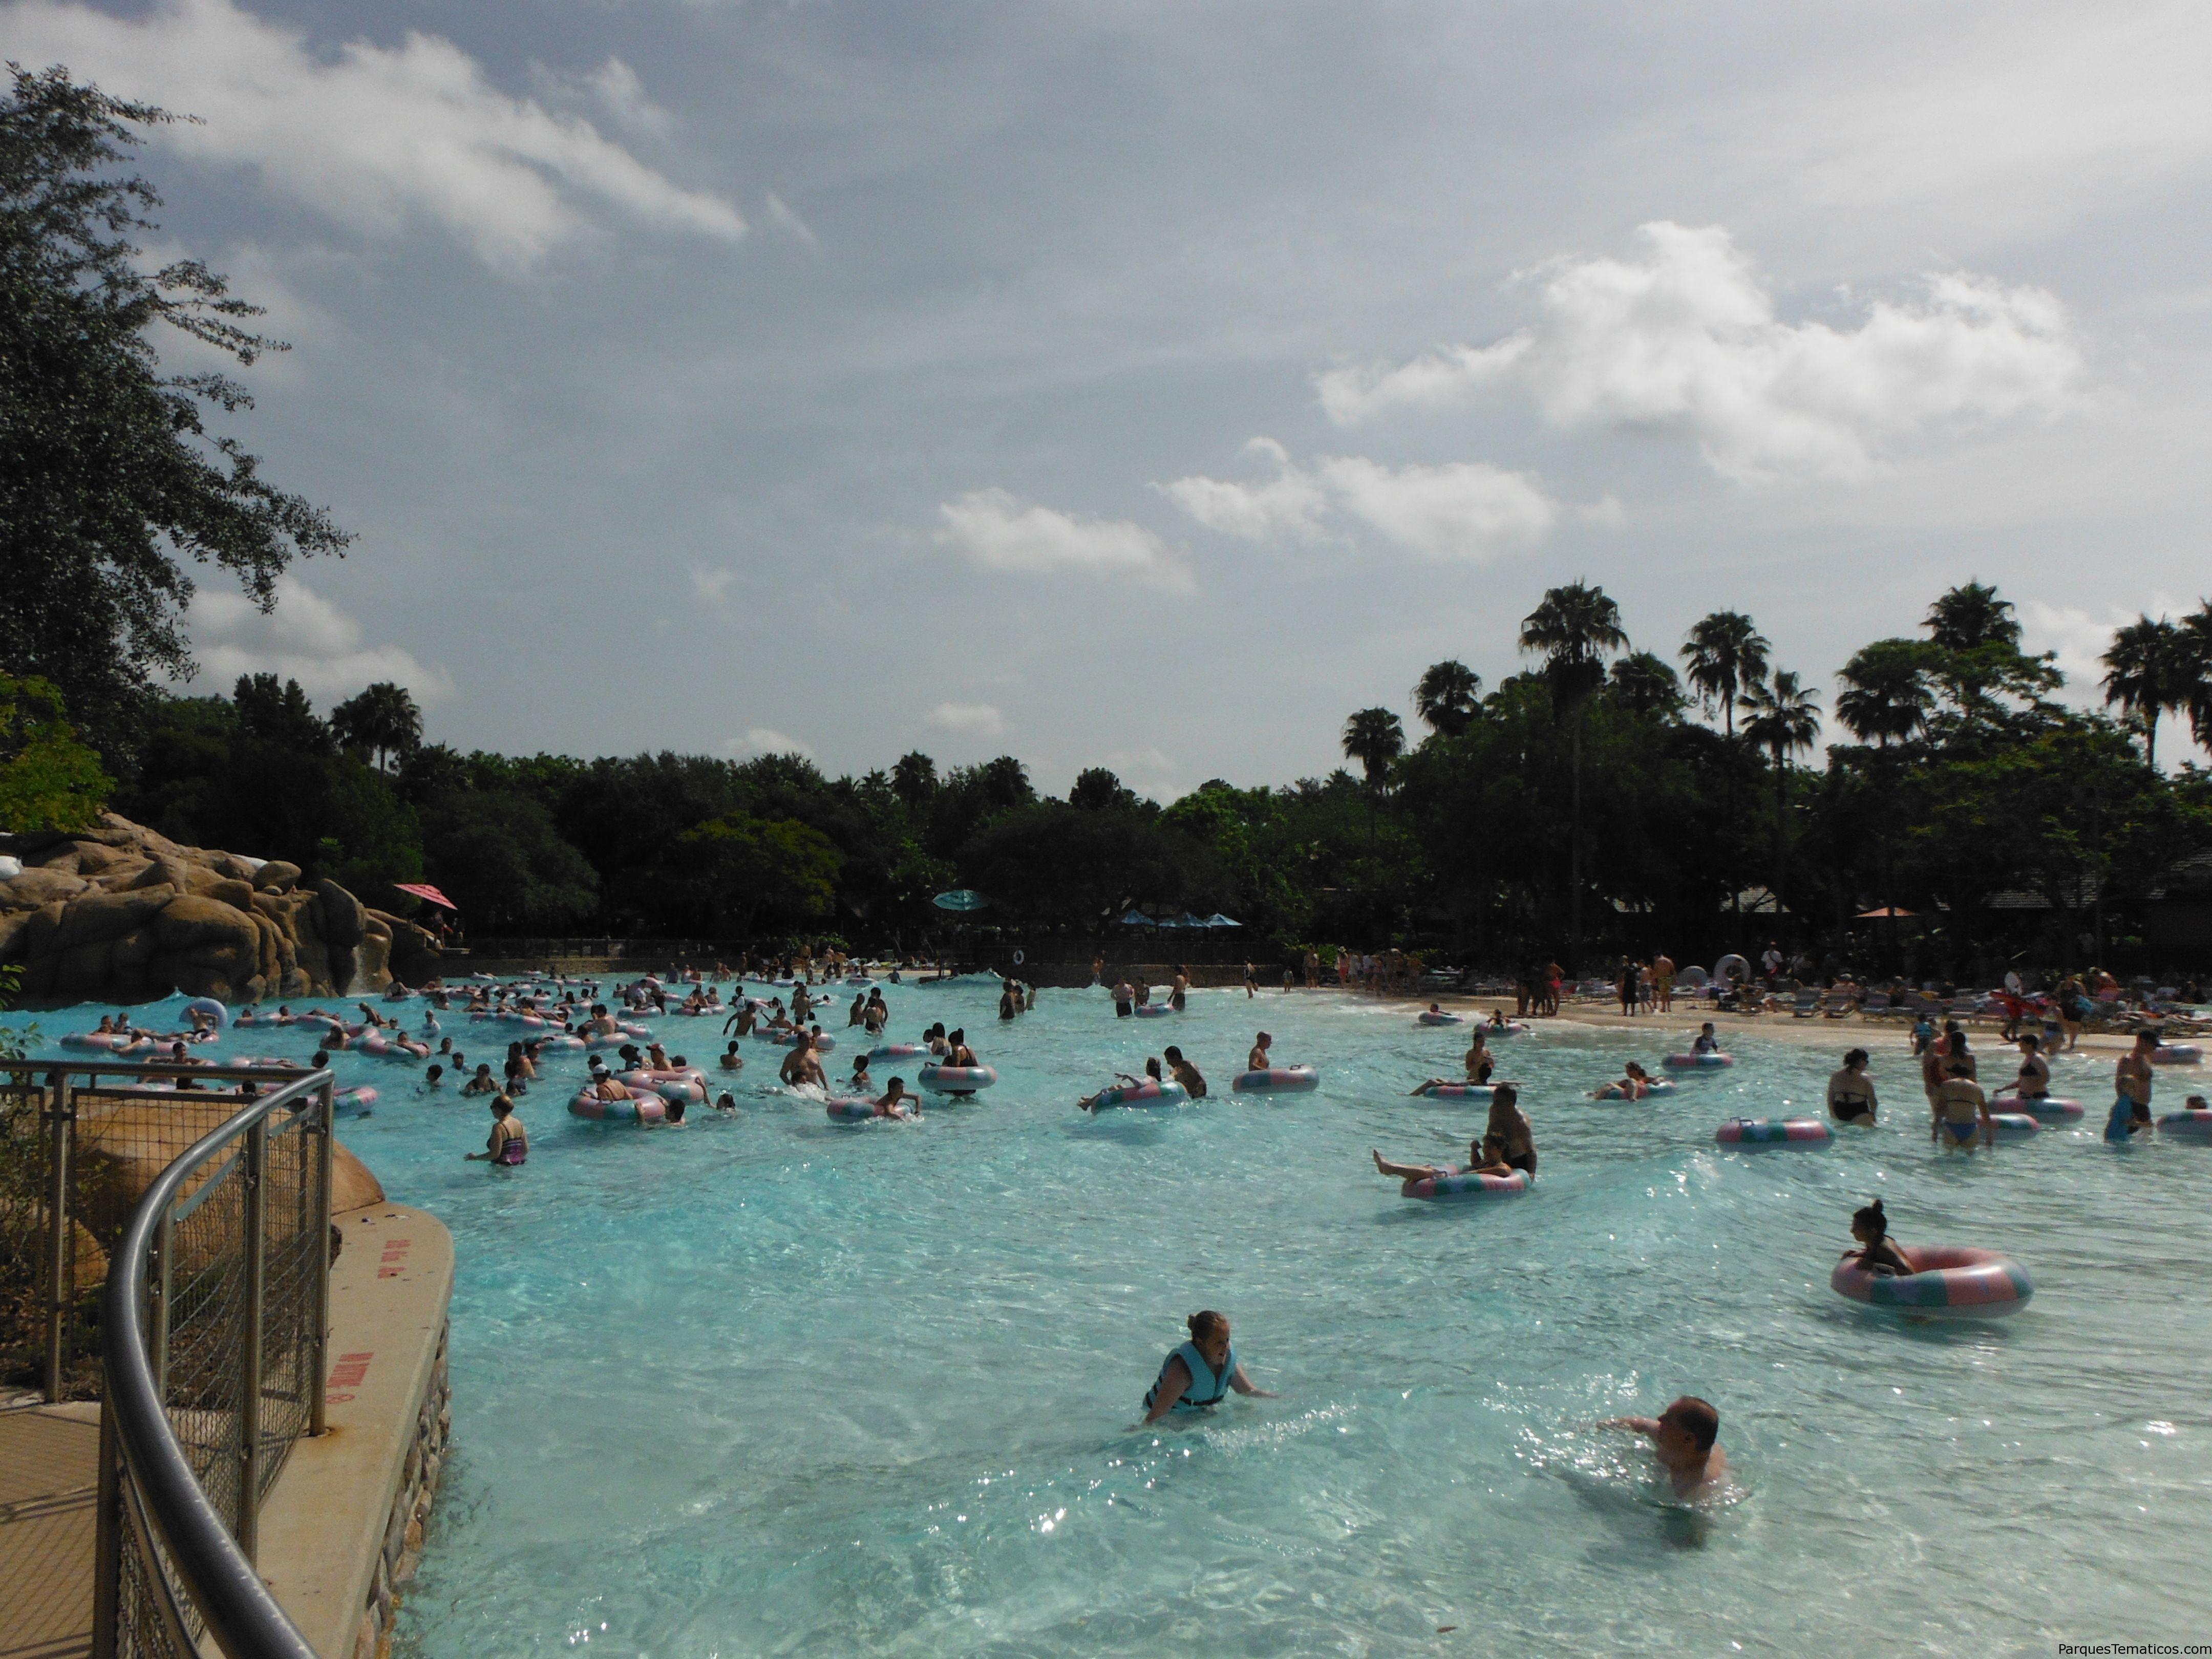 Foto general de una de las grandes piscinas, tomada por mi en ParquesTematicos.com